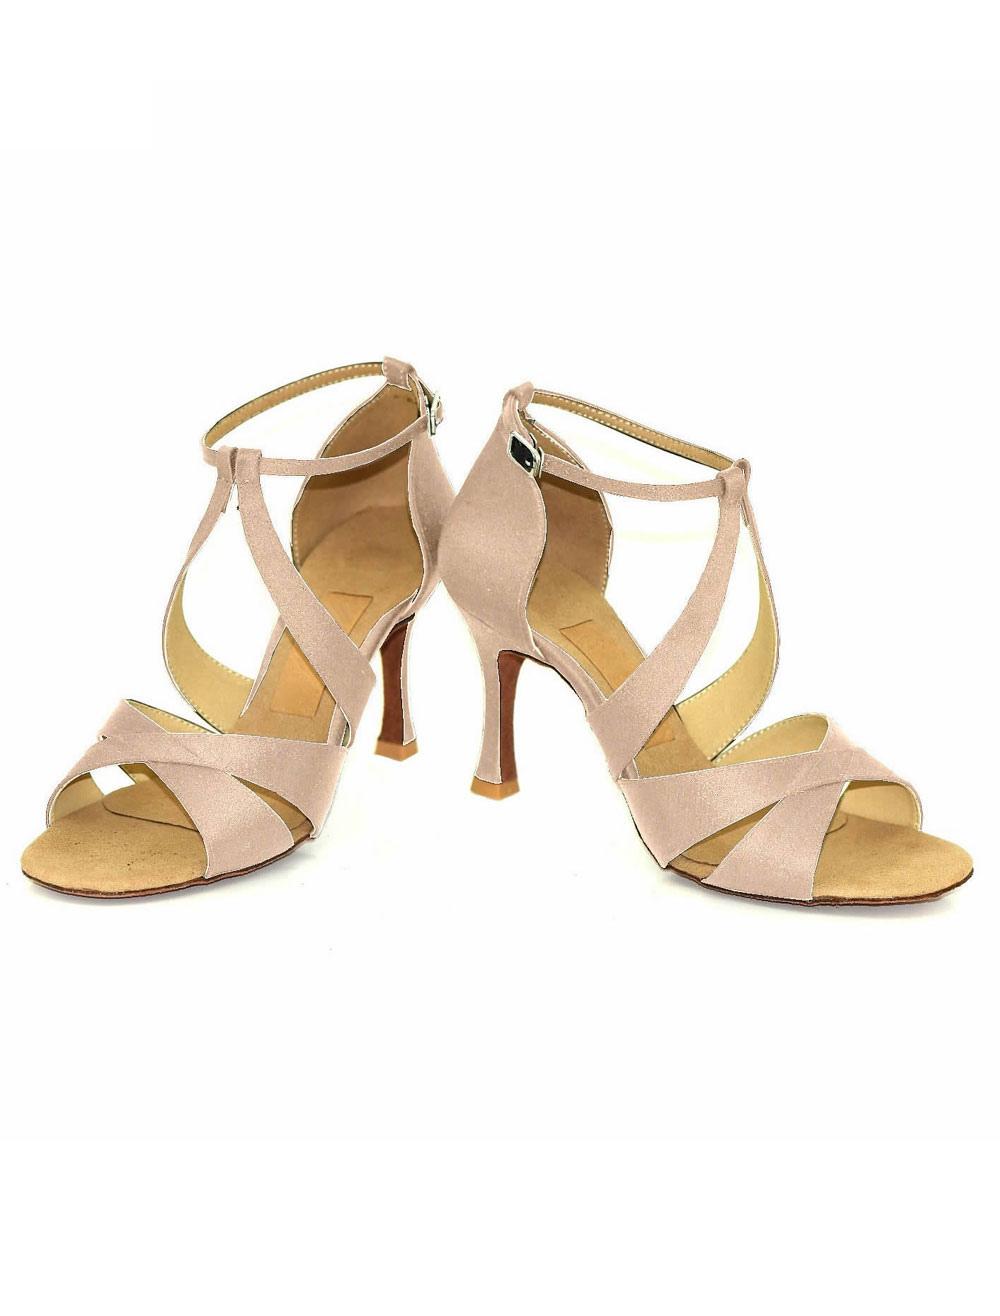 Salón de baile de Satén zapatos Open Toe tacón corte correa de tobillo zapatos de baile de modificado para requisitos particulares rPNMsVspz